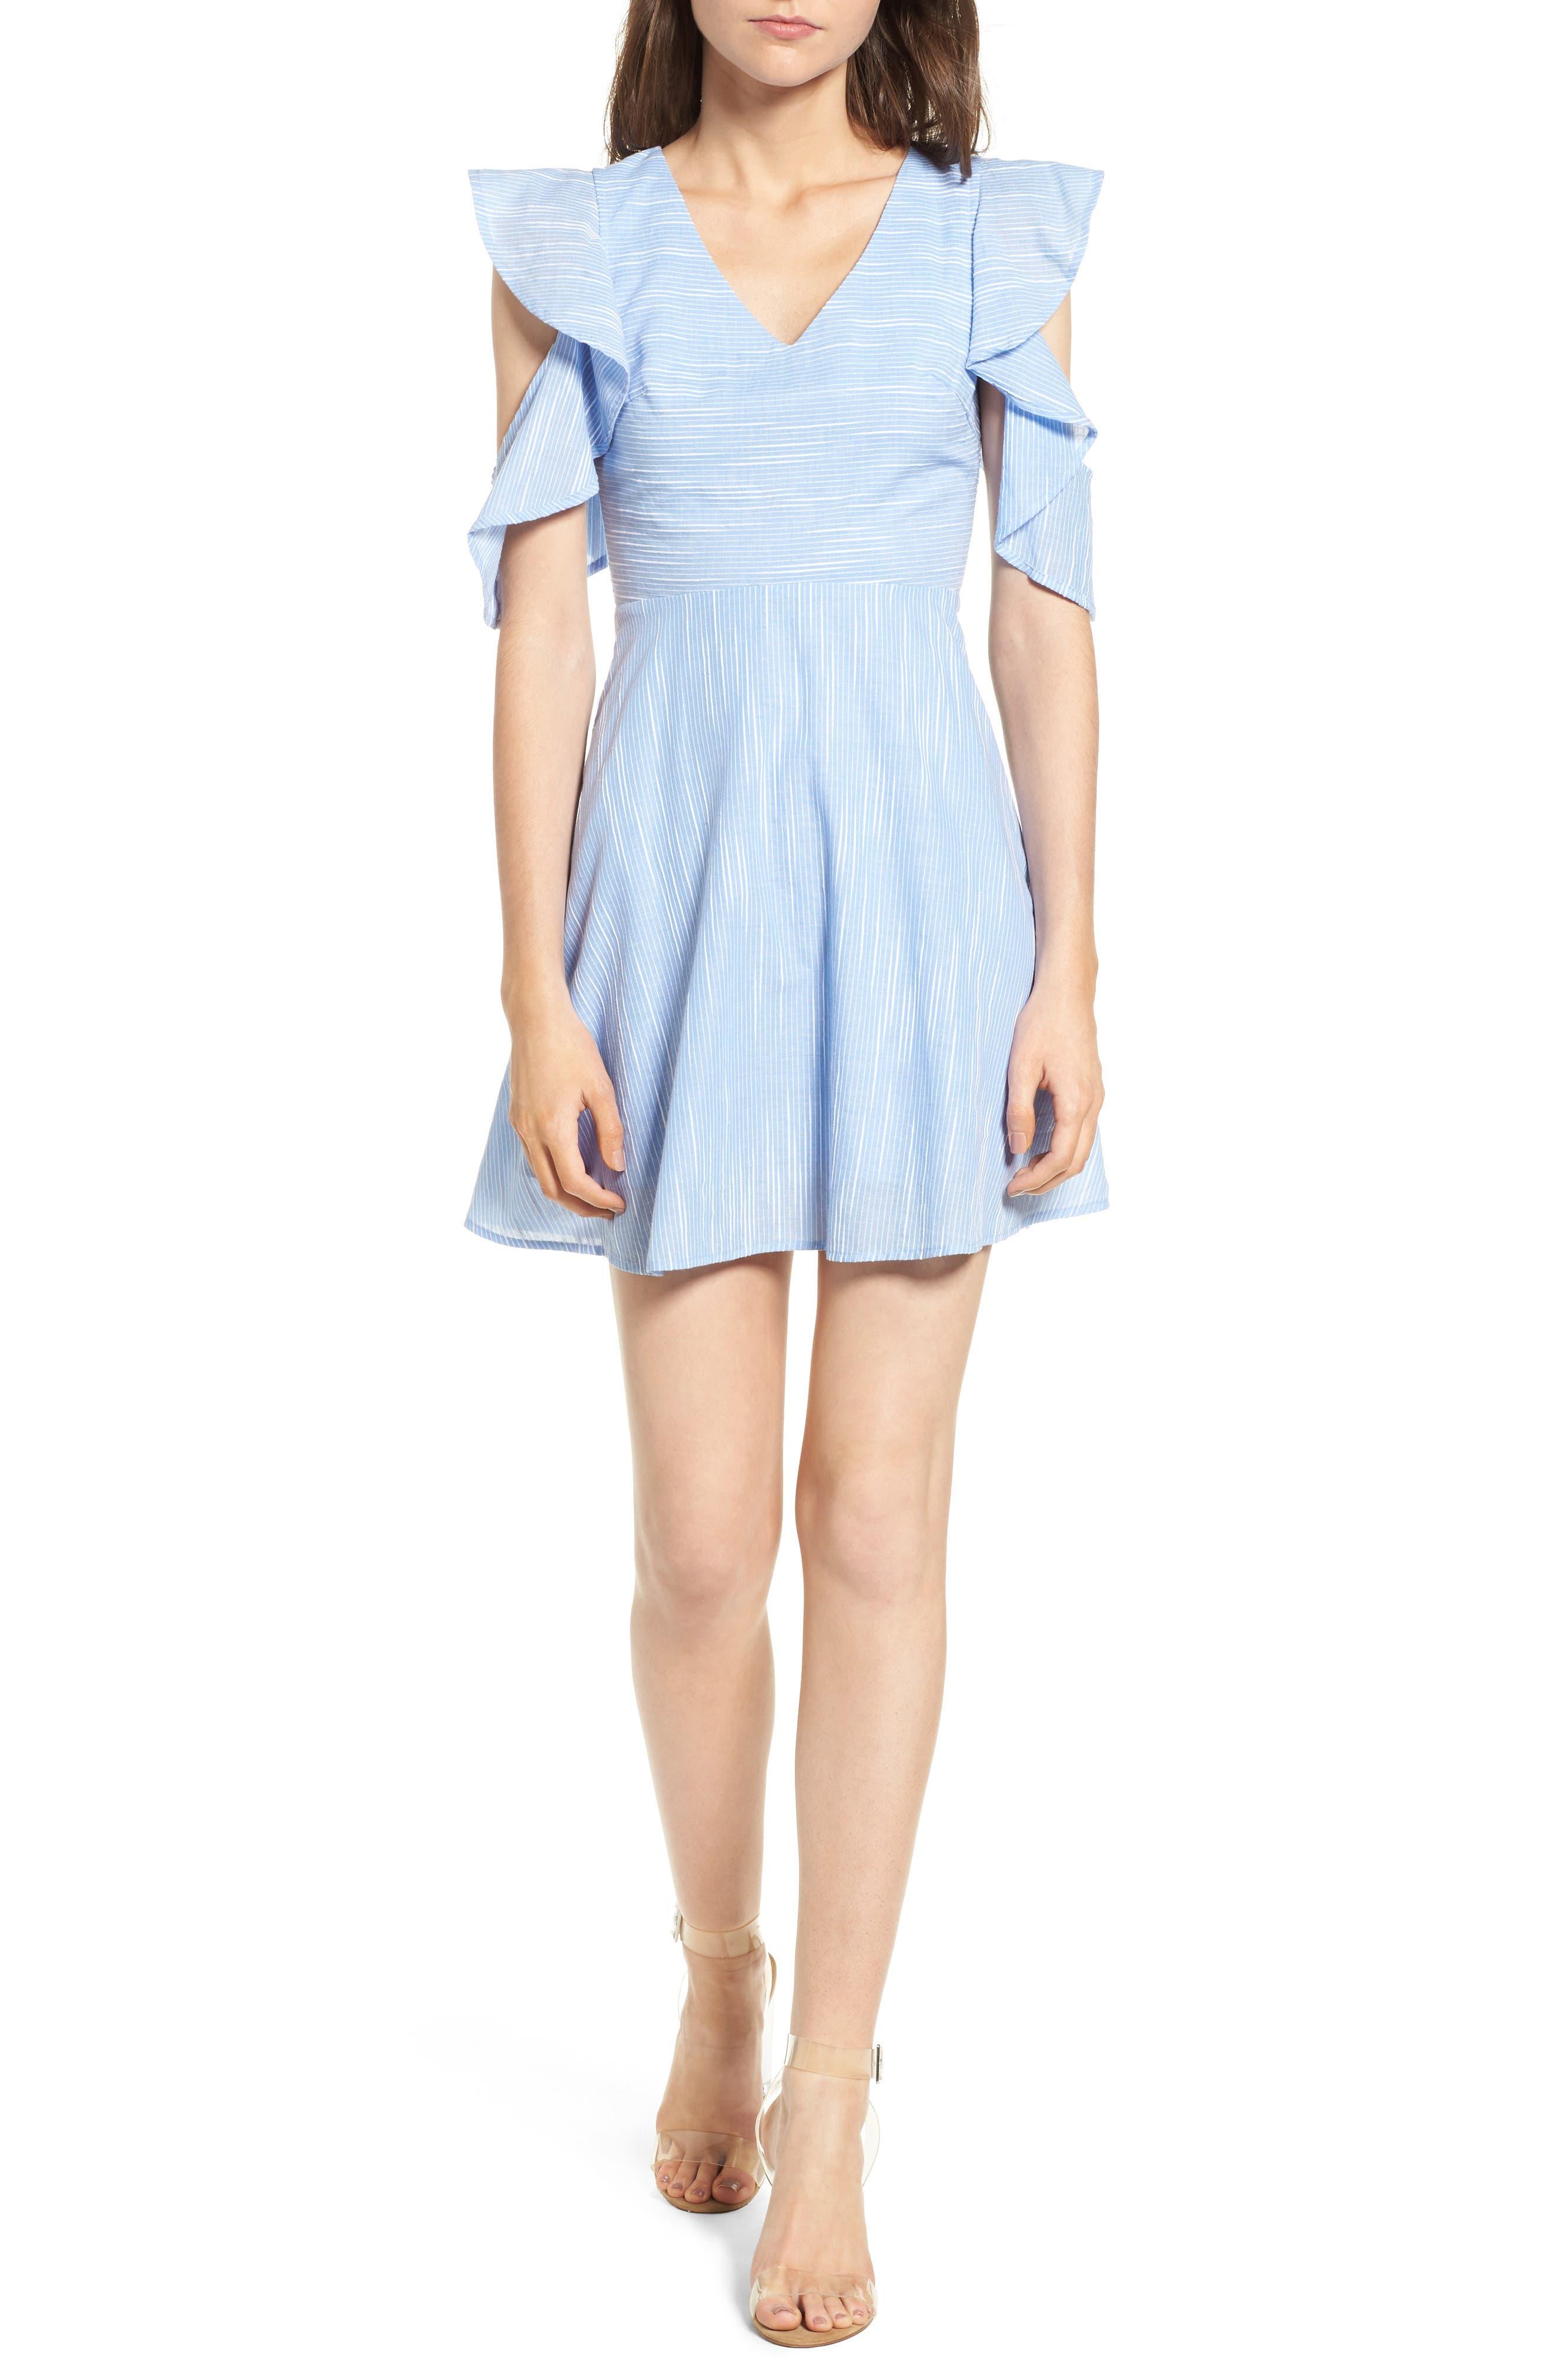 Main Image - J.O.A. Cotton Cold Shoulder Skater Dress